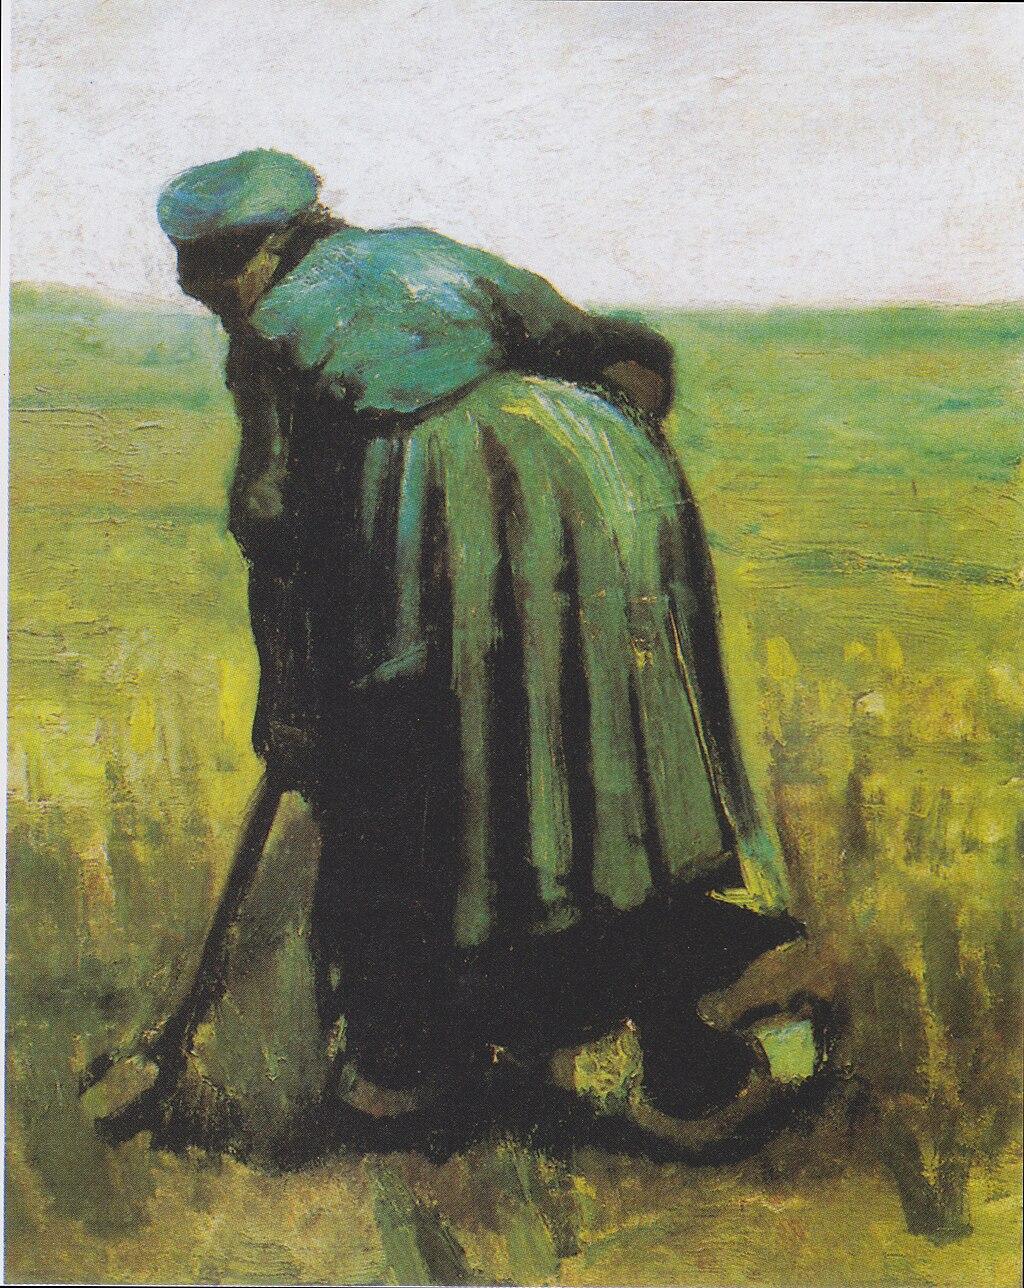 ビンセント・ヴァン・ゴッホ, A woman with a spade, seen from behind, c. 1885. Photo from wikipedia